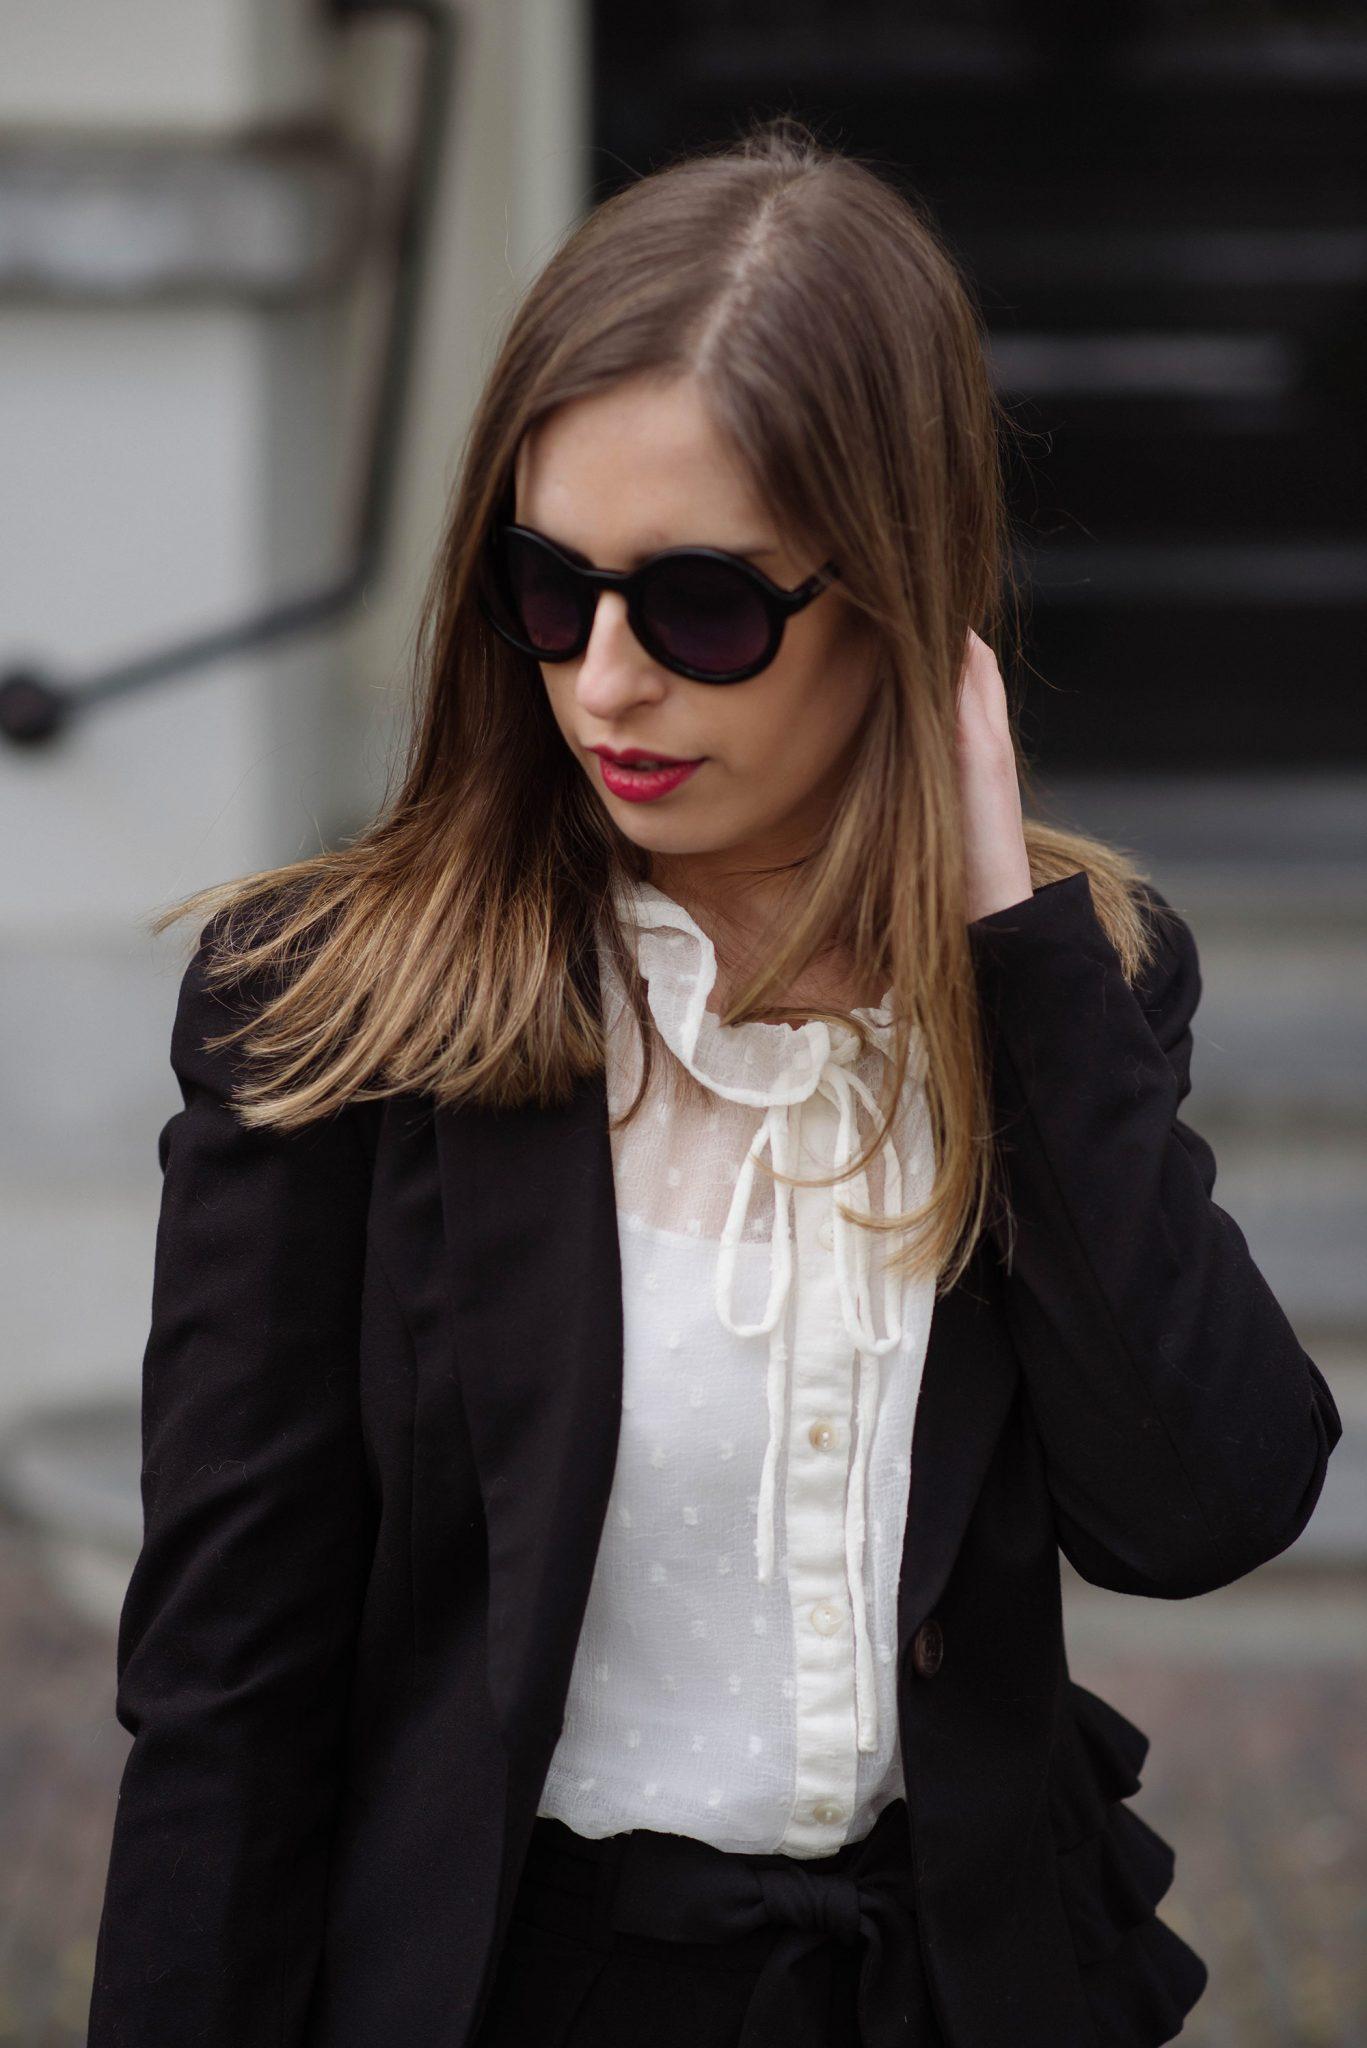 classics-suit-red-lipstick-thepetitecat